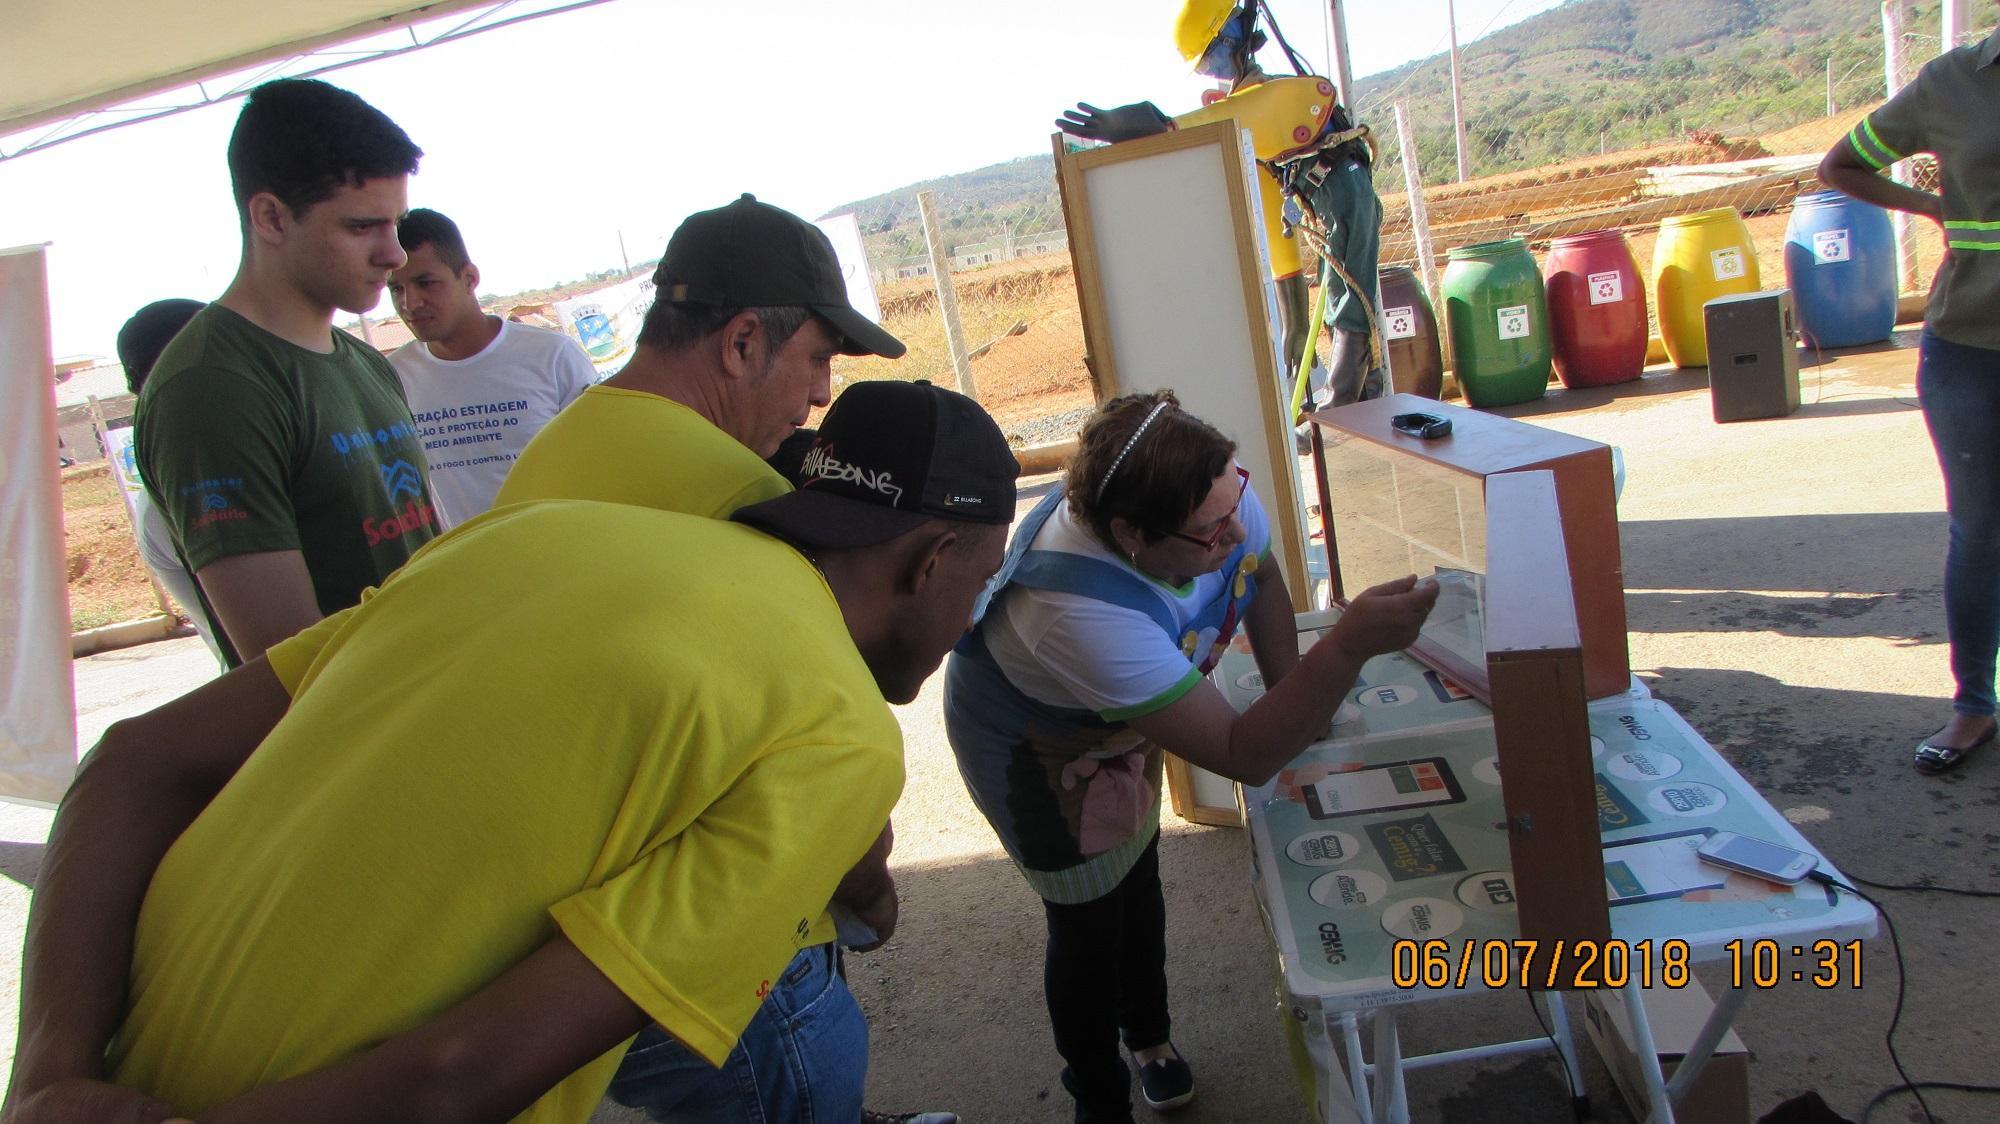 Imagem de destaque OPERAÇÃO ESTIAGEM  - Residencial Sul é beneficiado com ações de educação ambiental